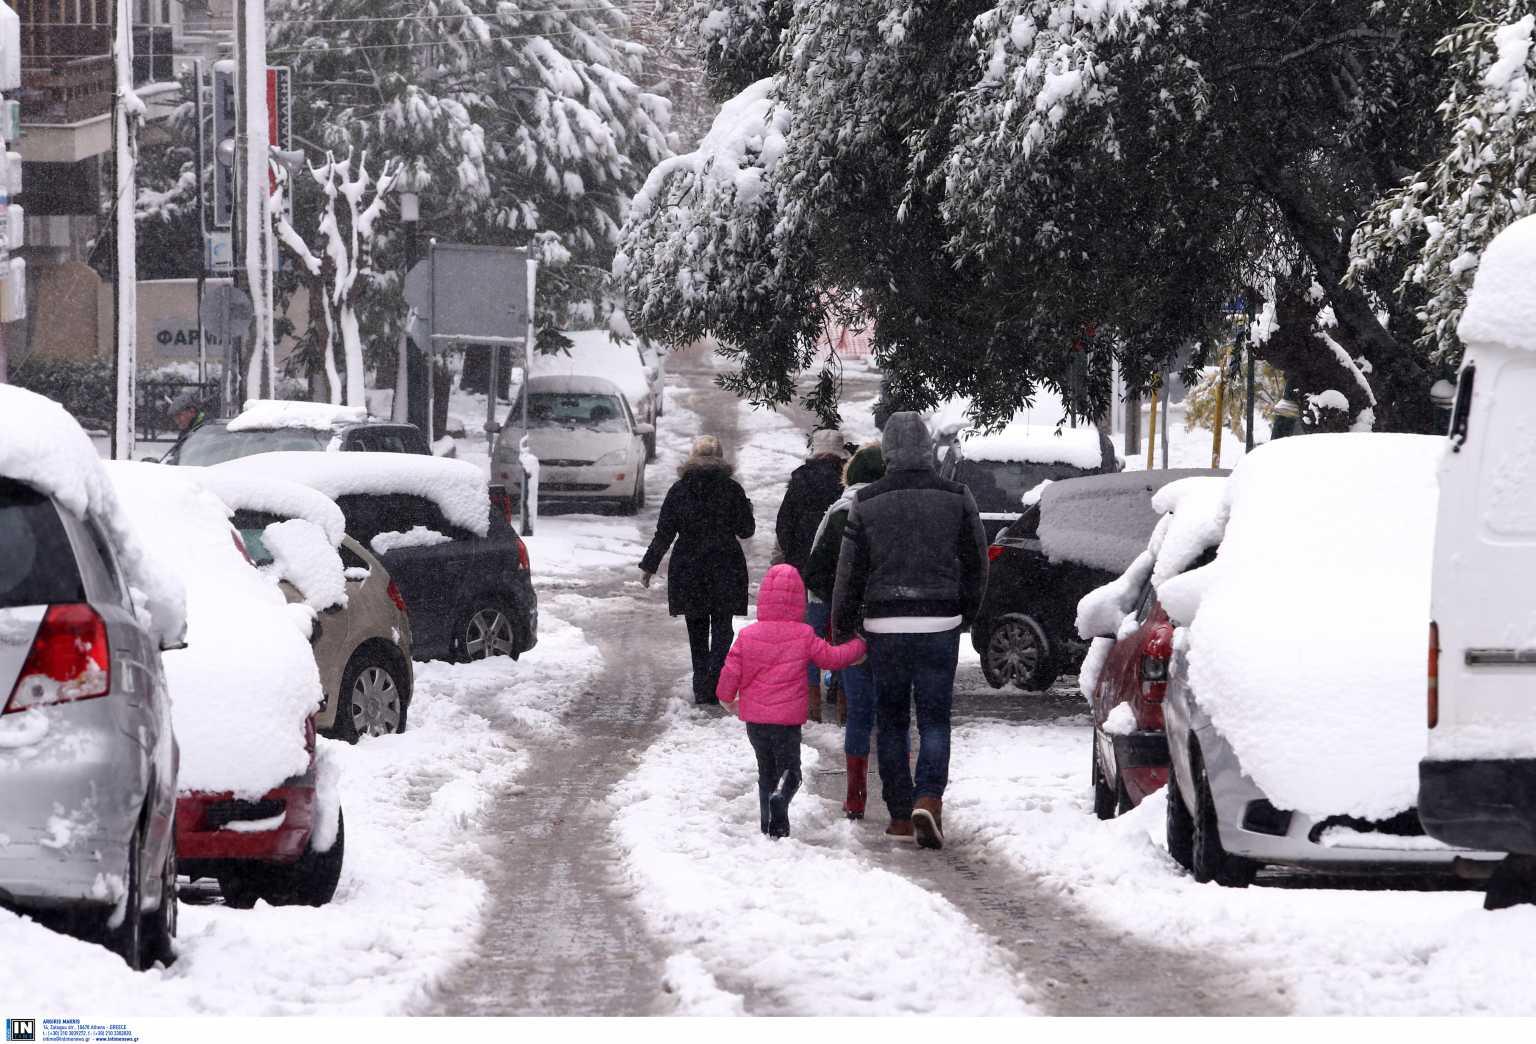 Καιρός: Πυκνό χιόνι στην Αττική έως το βράδυ της Τρίτης – Νέο έκτακτο δελτίο